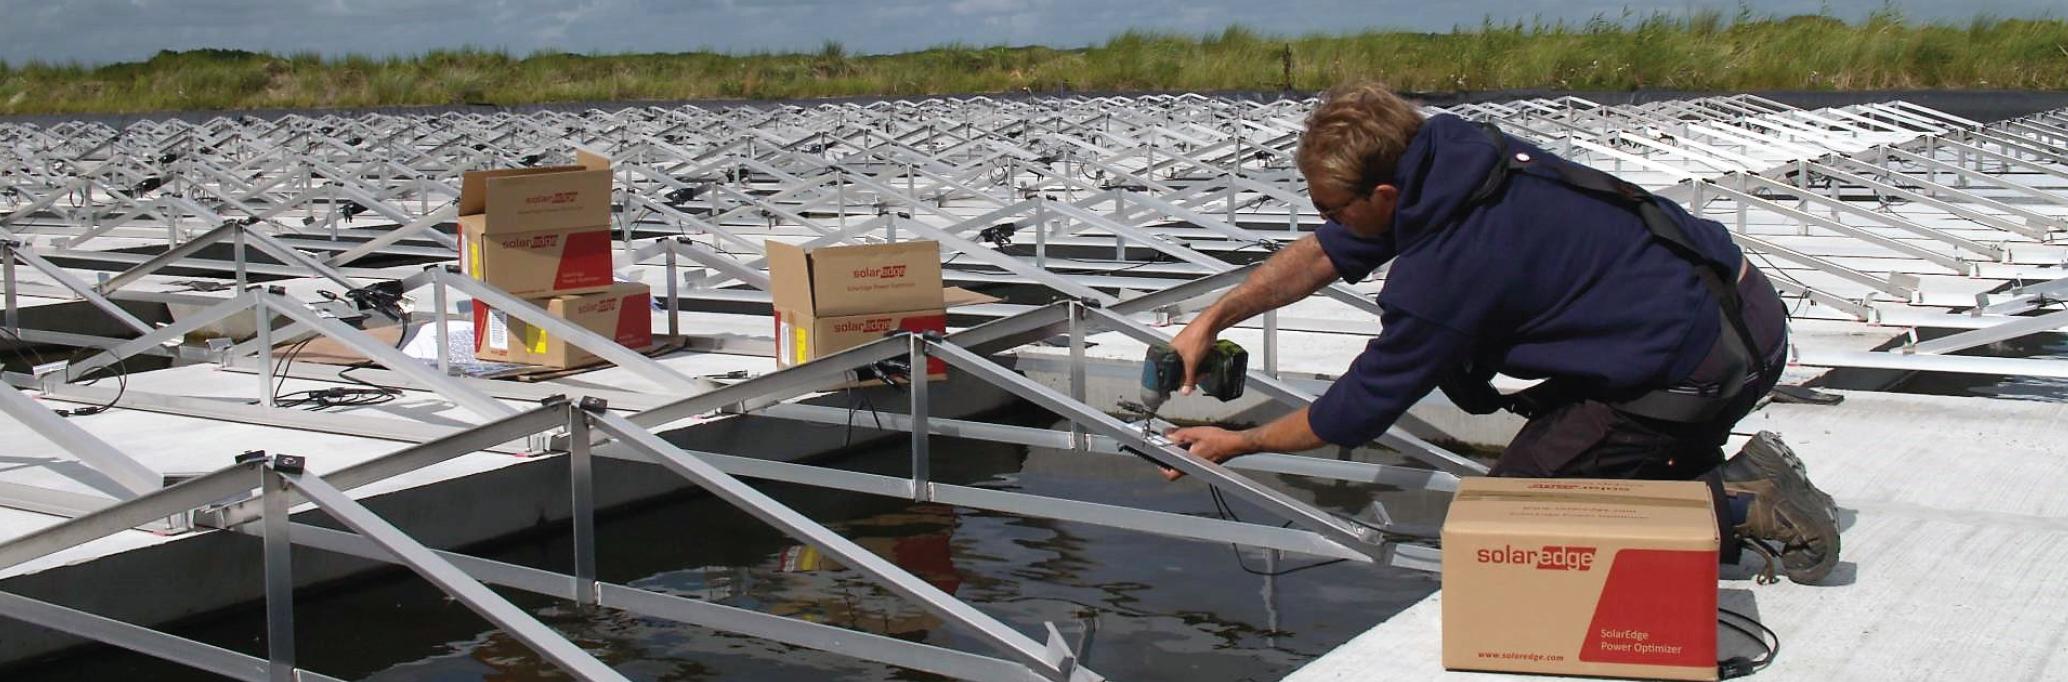 Floating-solar-pv-system-netherlands-nederland-texel-11.jpg